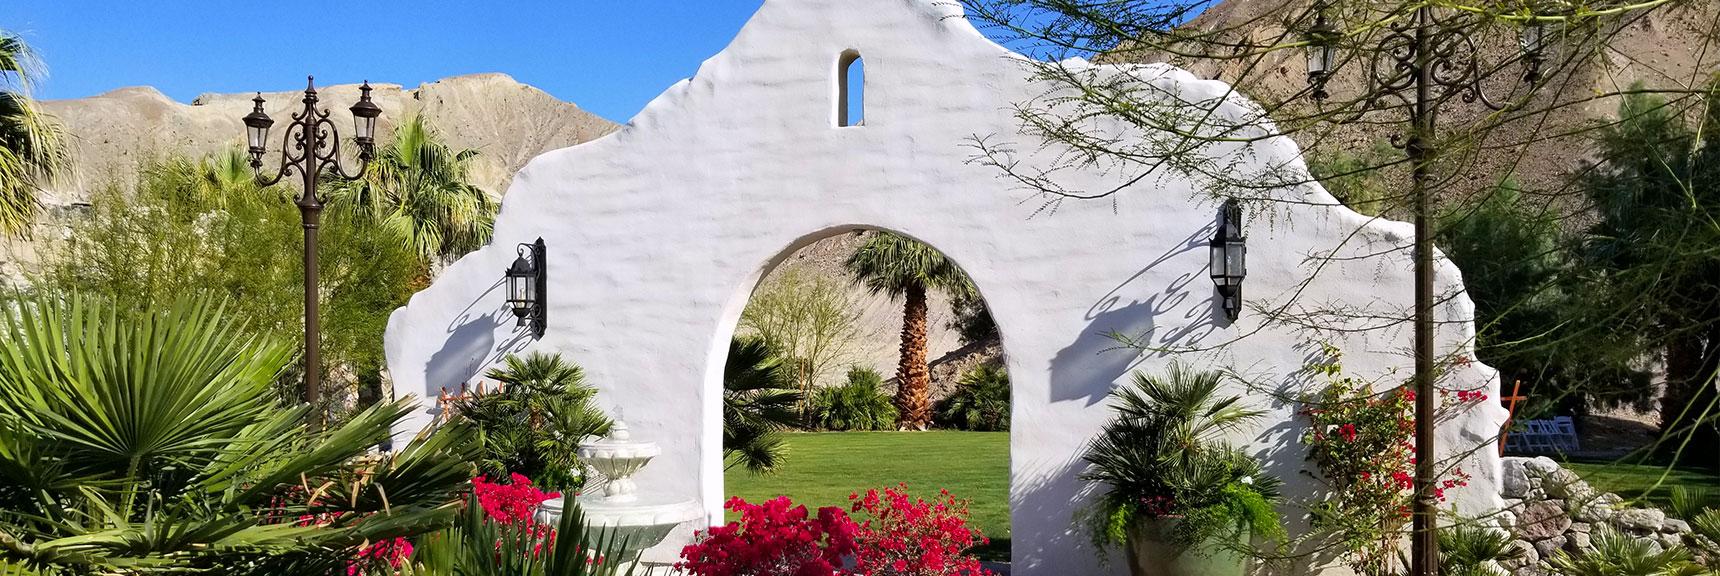 Inn at Death Valley Ranch, CA